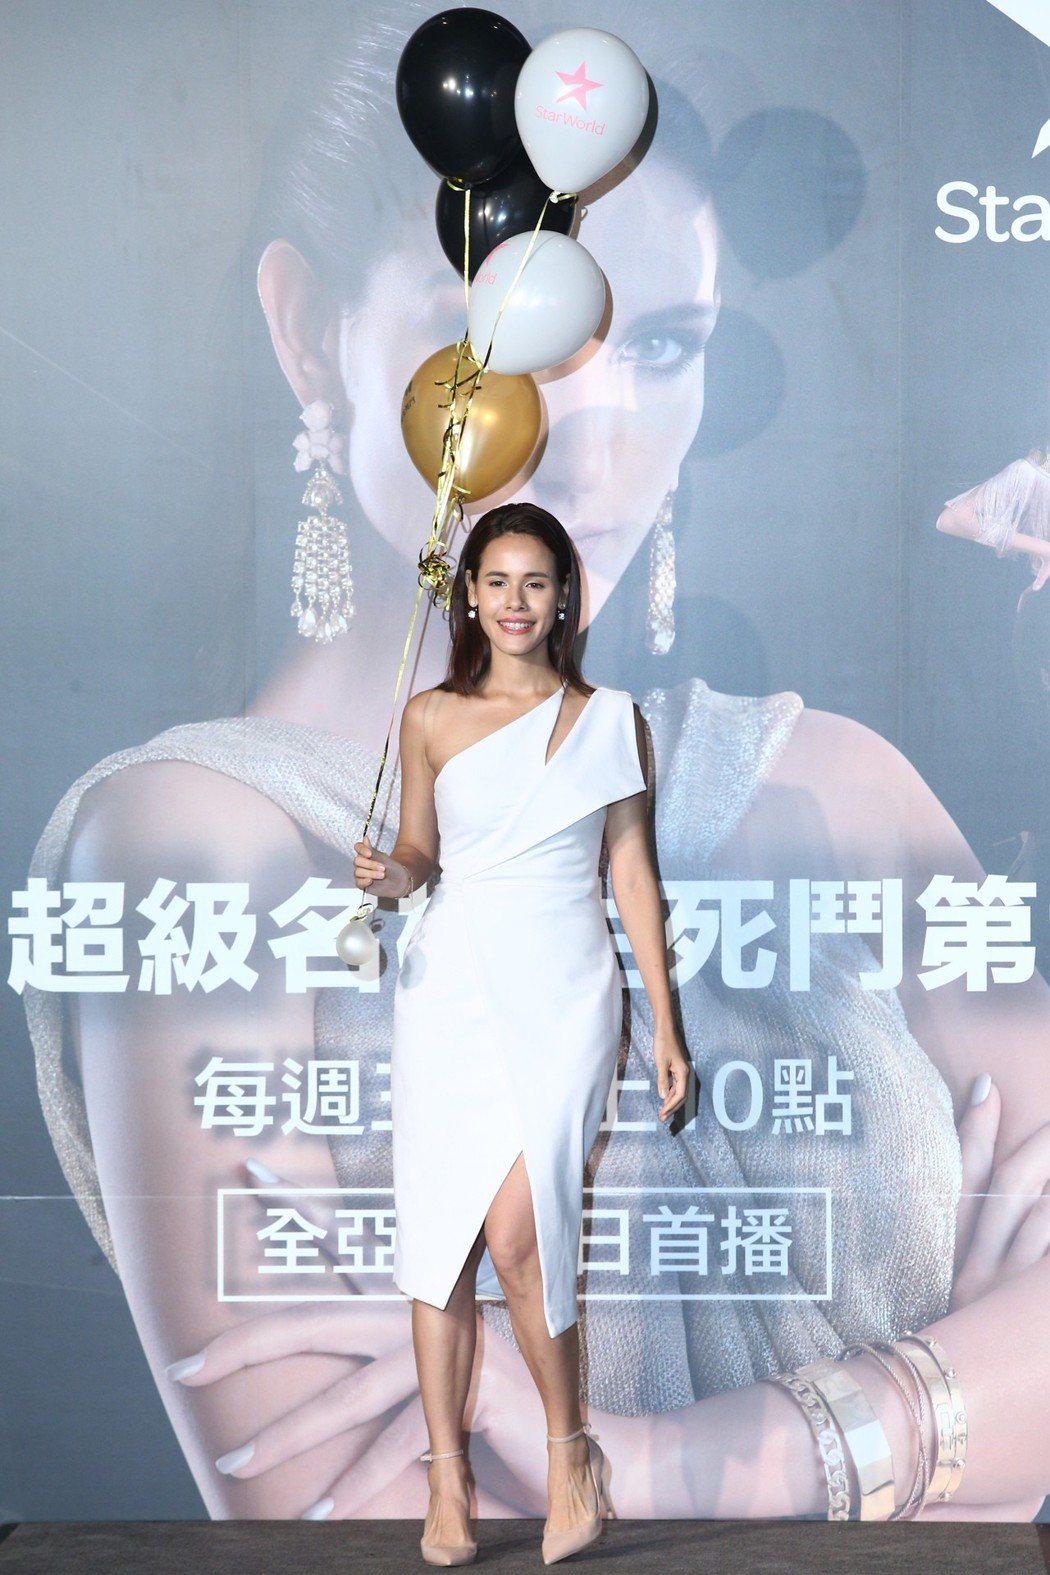 第二季娜塔莉下午出席Star World「亞洲超級名模生死鬥」最新第六季記者會,...